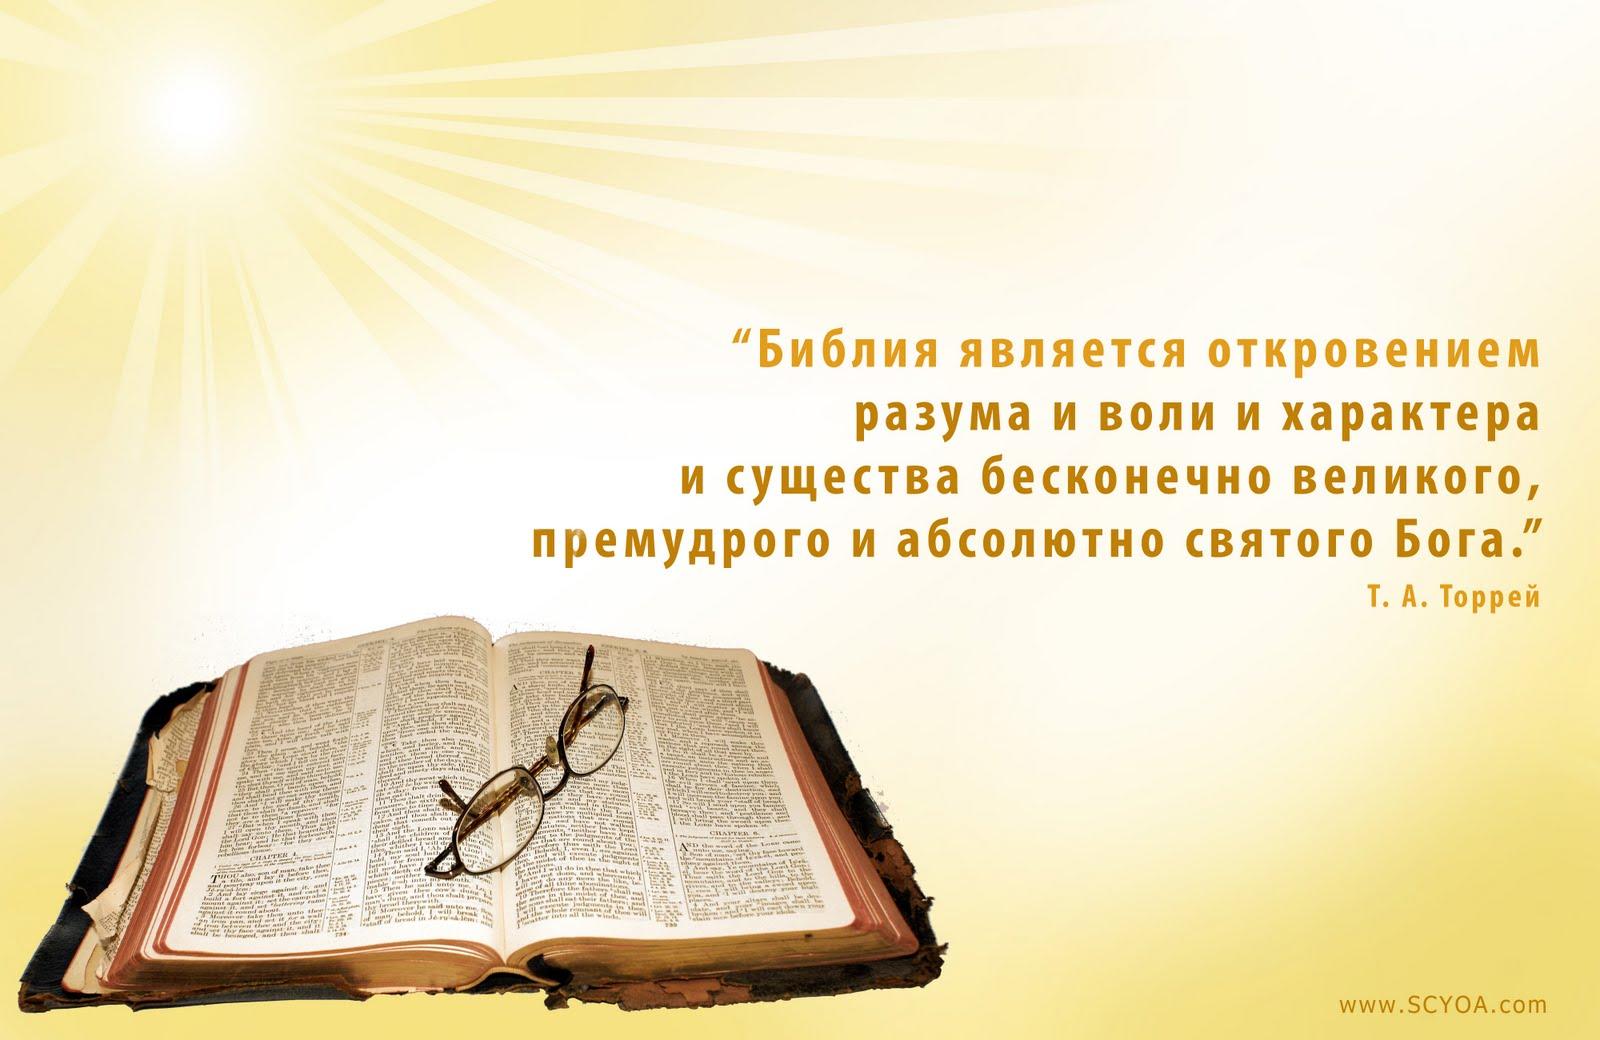 Библейские открытки с текстами из библии 45